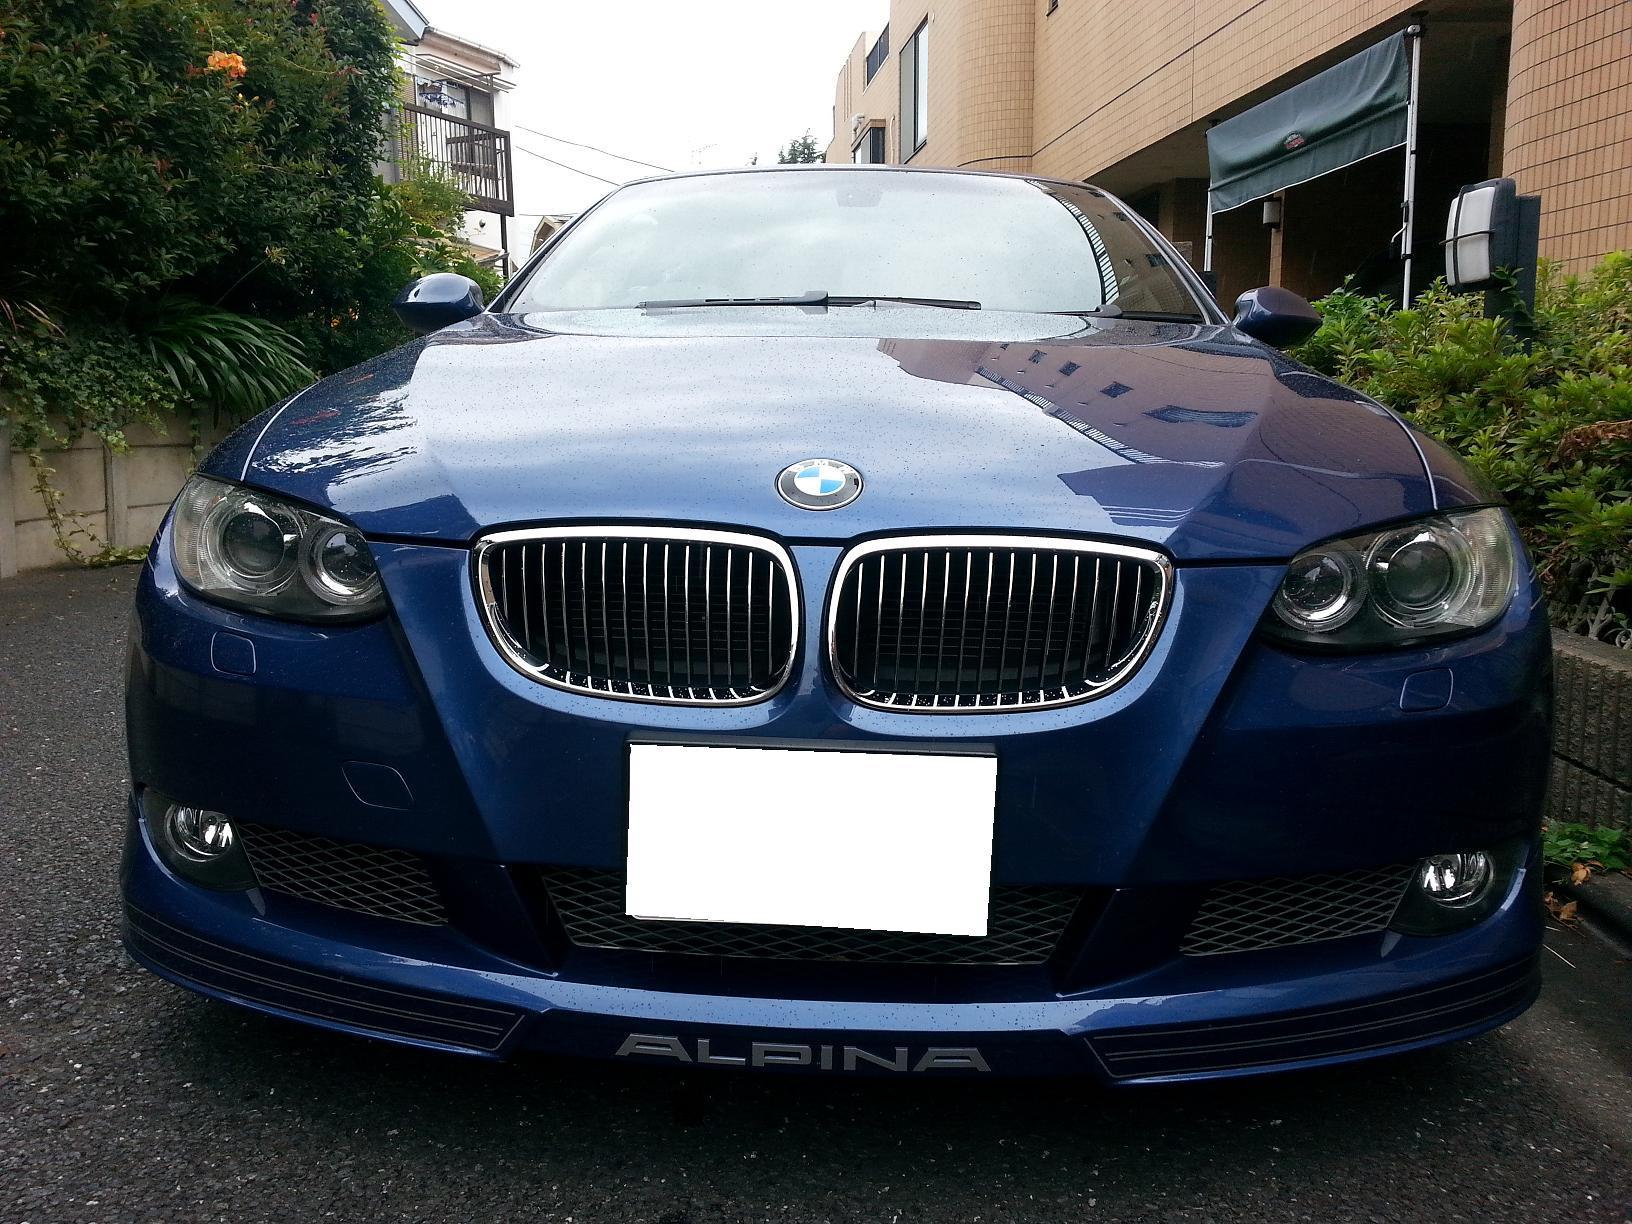 BMW アルピナ ALPINA B3 ホイール ガリ傷 修理 リペア